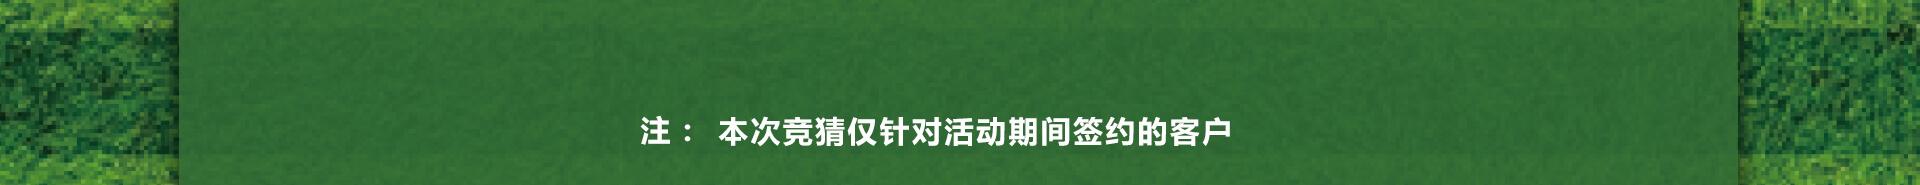 PK世界杯整装夺宝季-百创整装